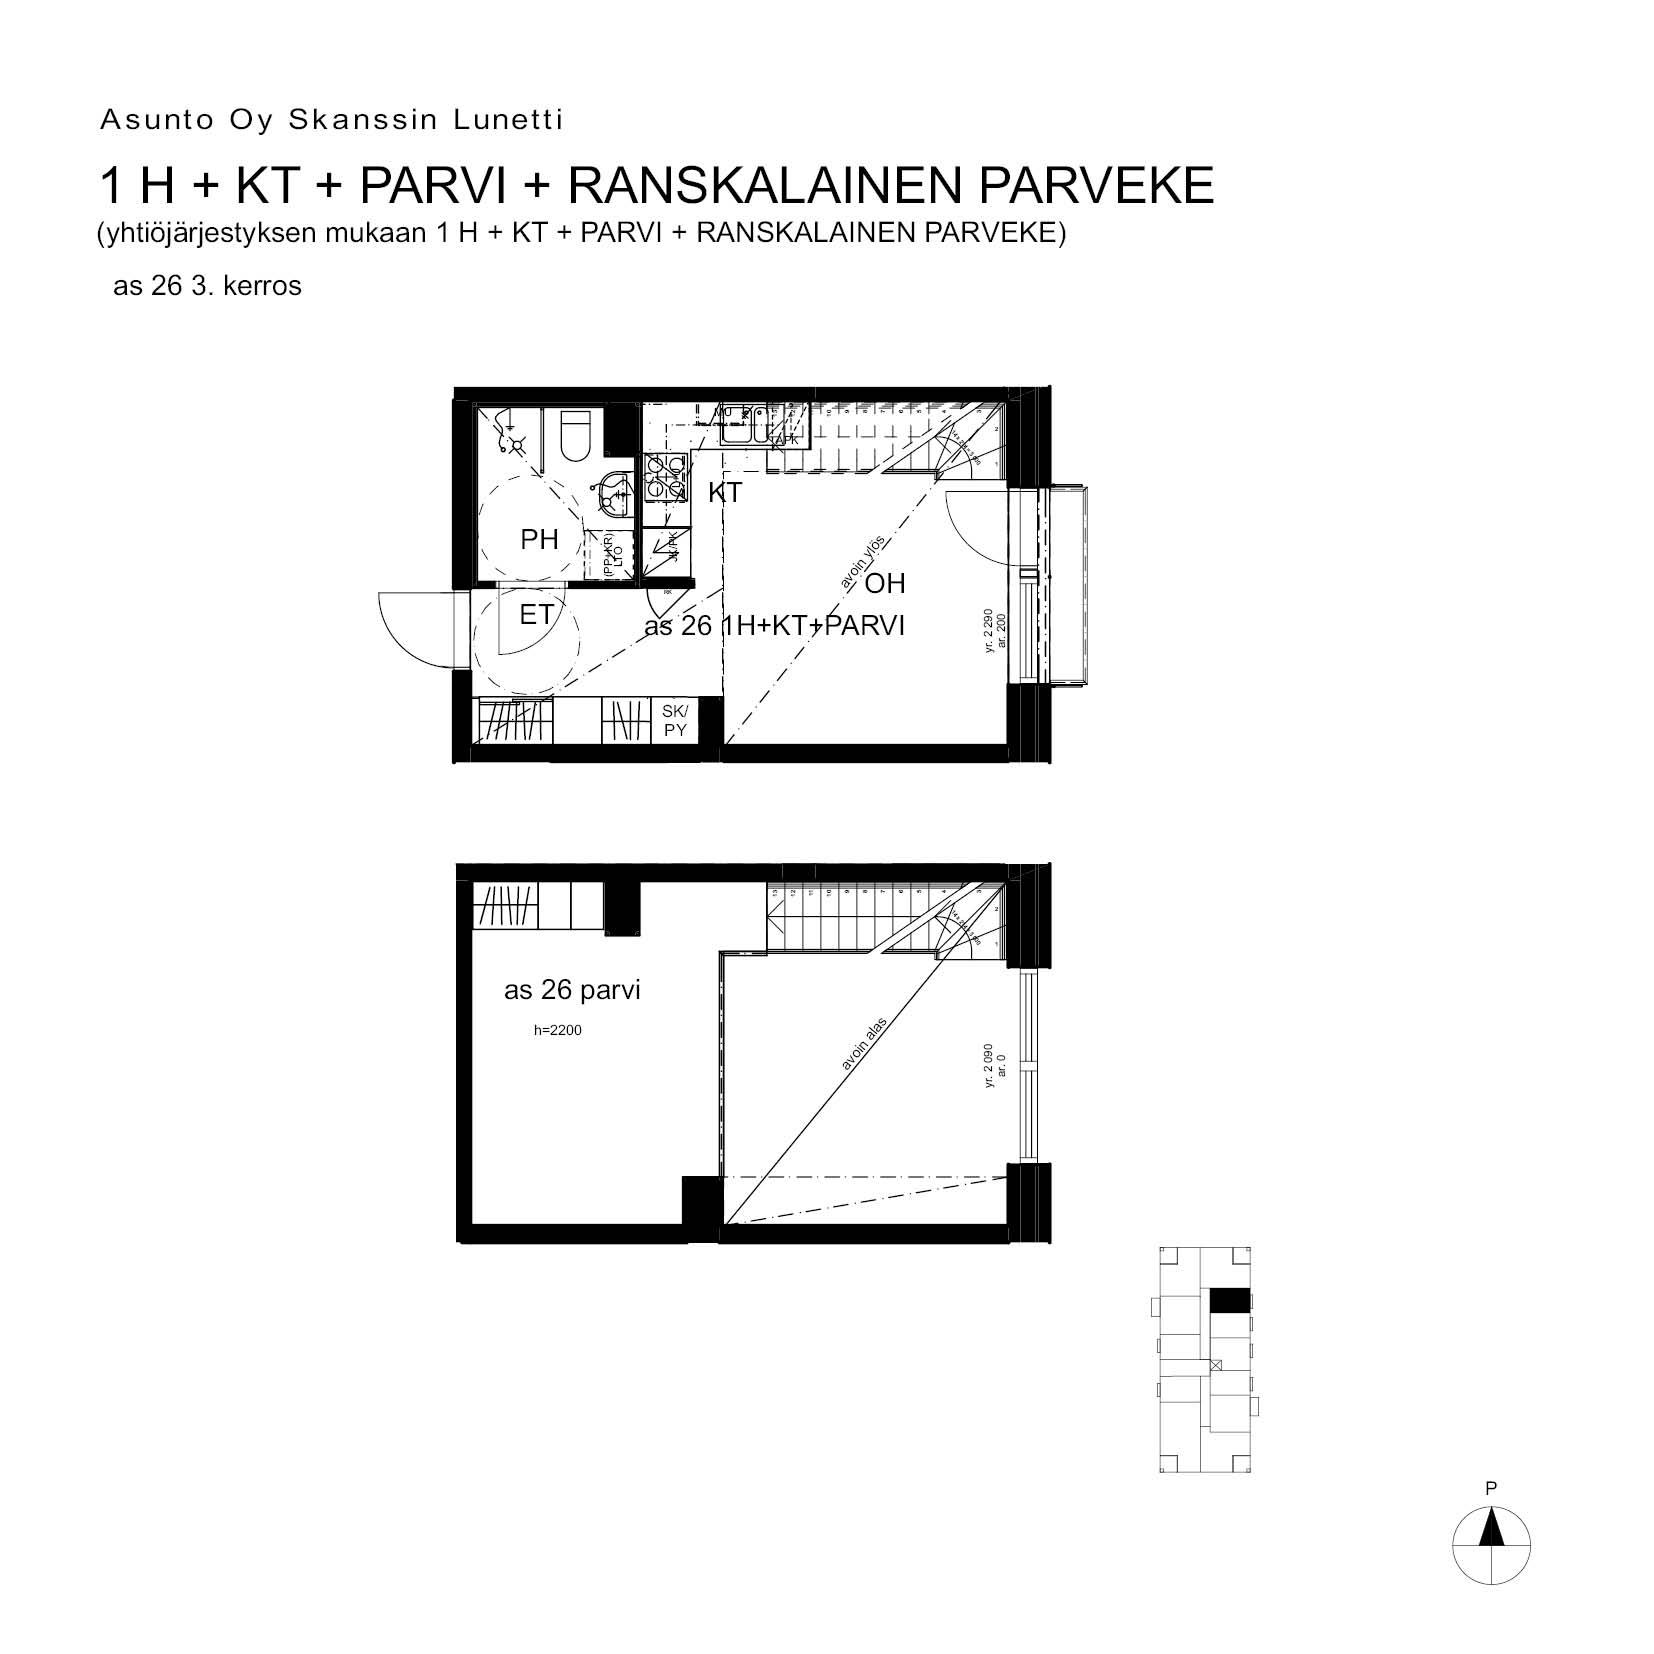 A26, 40.5 m<sup>2</sup>, 1H+KT+PARVI+ransk.p.